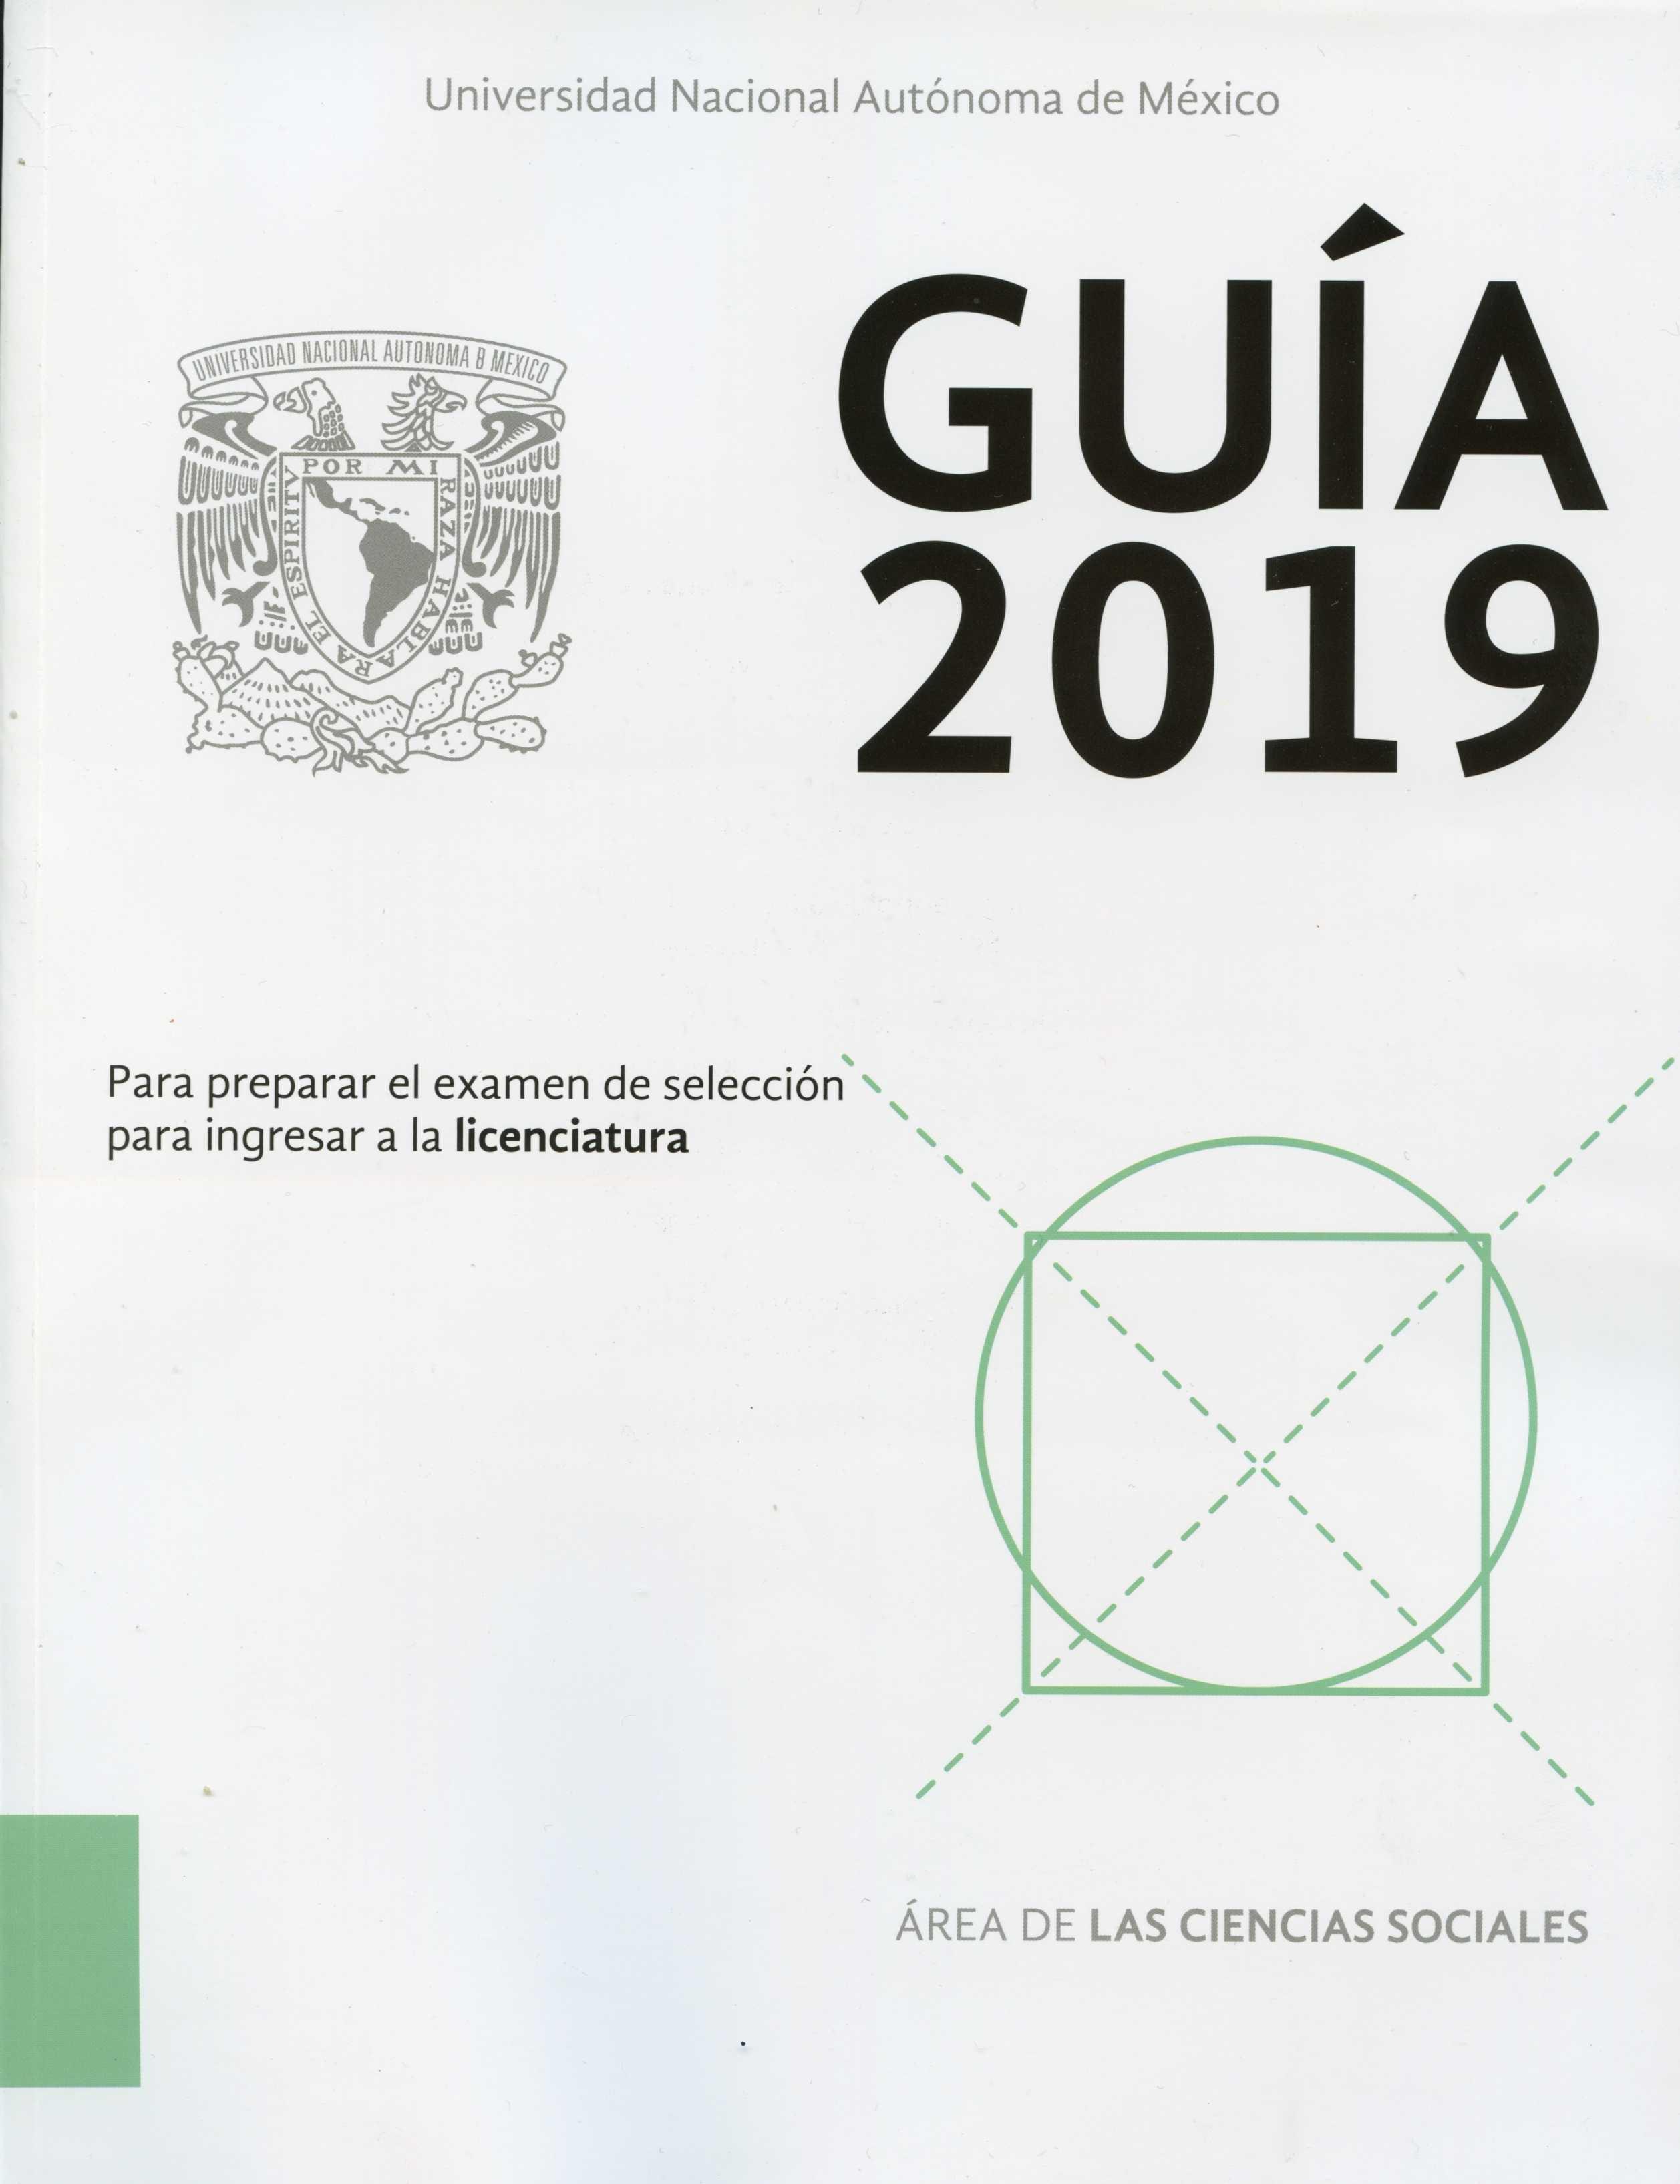 Guía 2019 para preparar el examen de selección para ingresar a la licenciatura